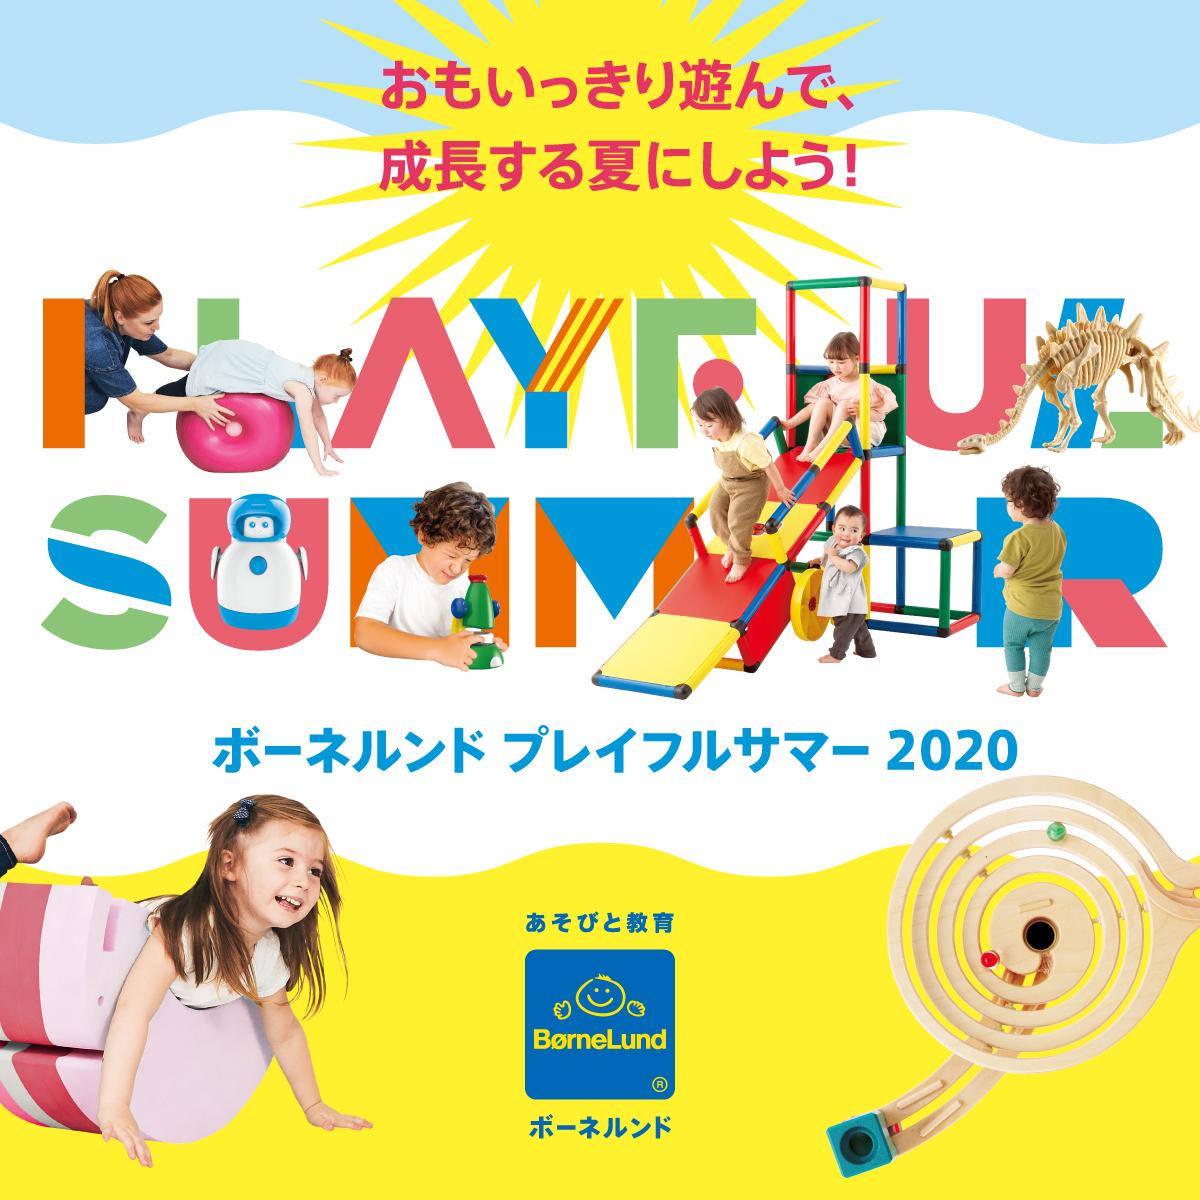 ボーネルンドPLAYFUL  SUMMER 2020〜おもいっきり遊んで、成長する夏にしよう!〜